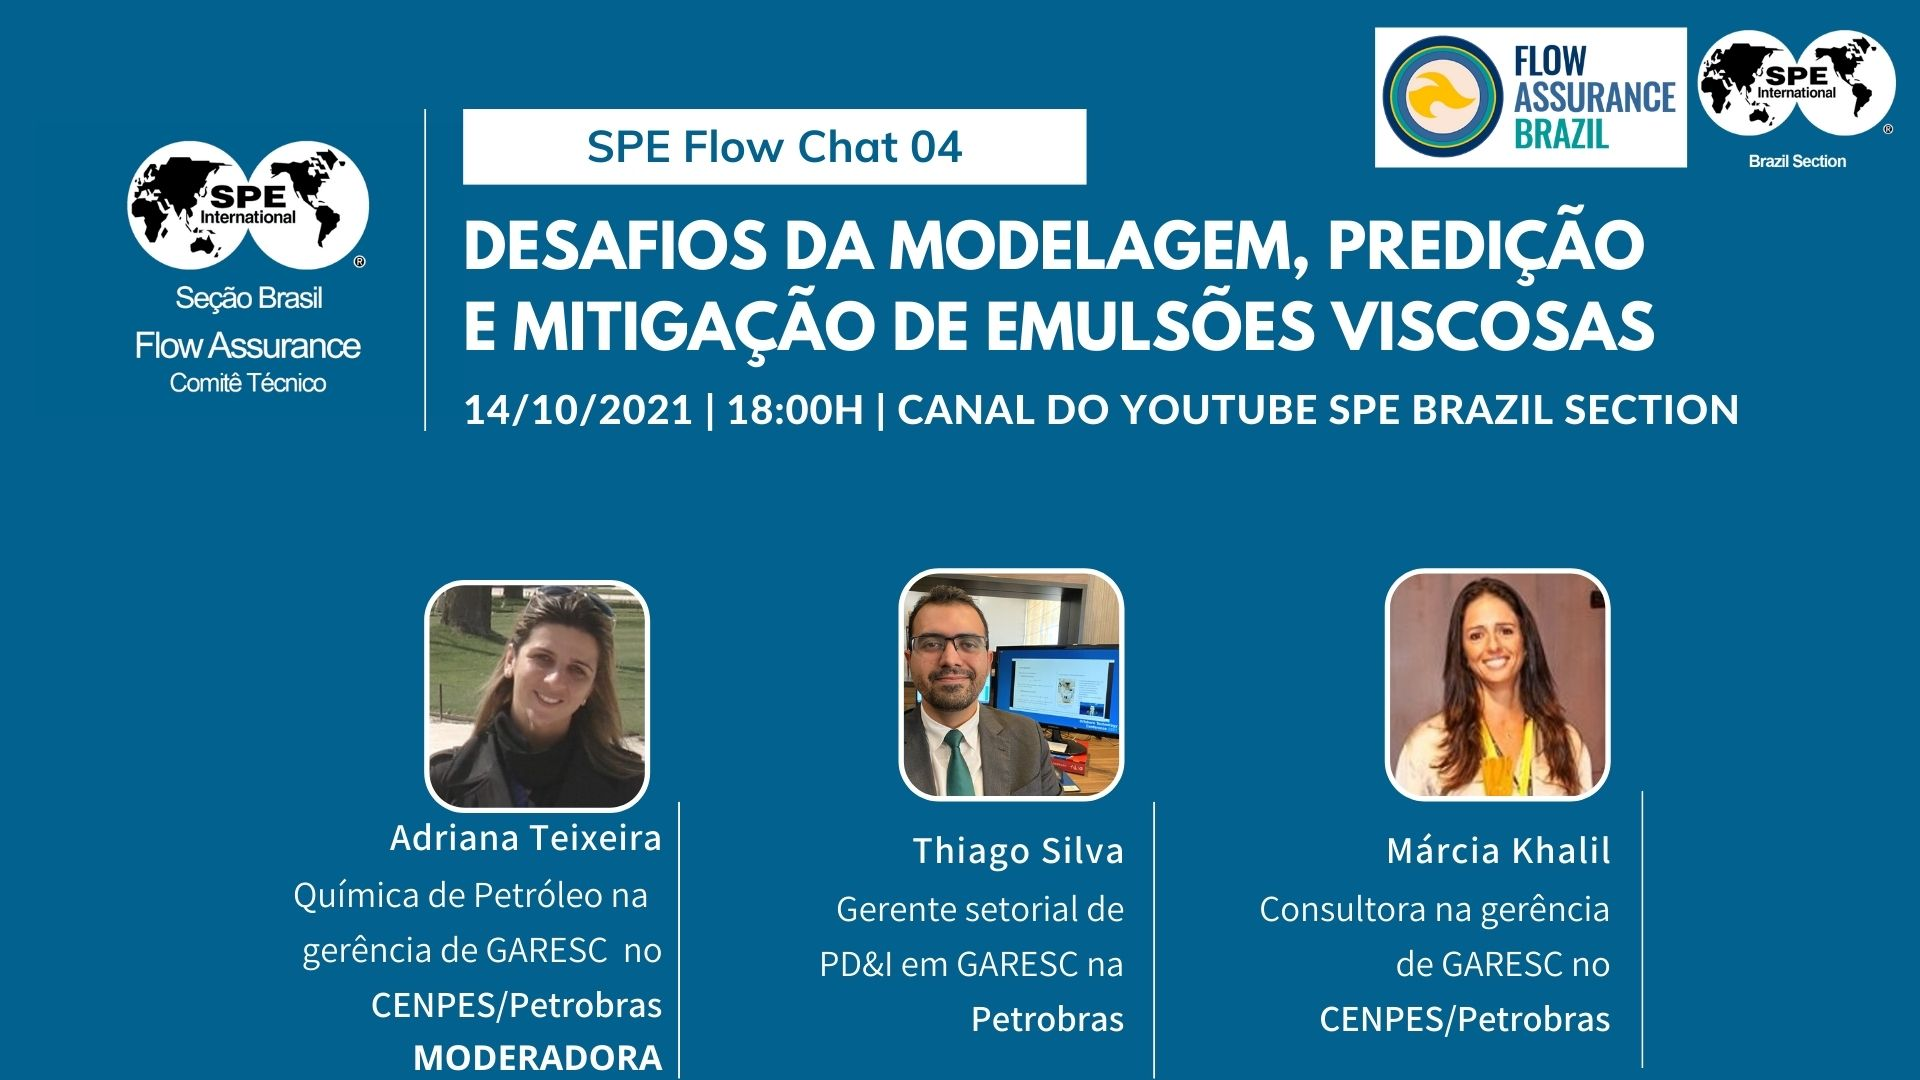 """SPE Brasil Flow Chat 04: """"Desafios da modelagem, predição e mitigação de emulsões viscosas"""""""